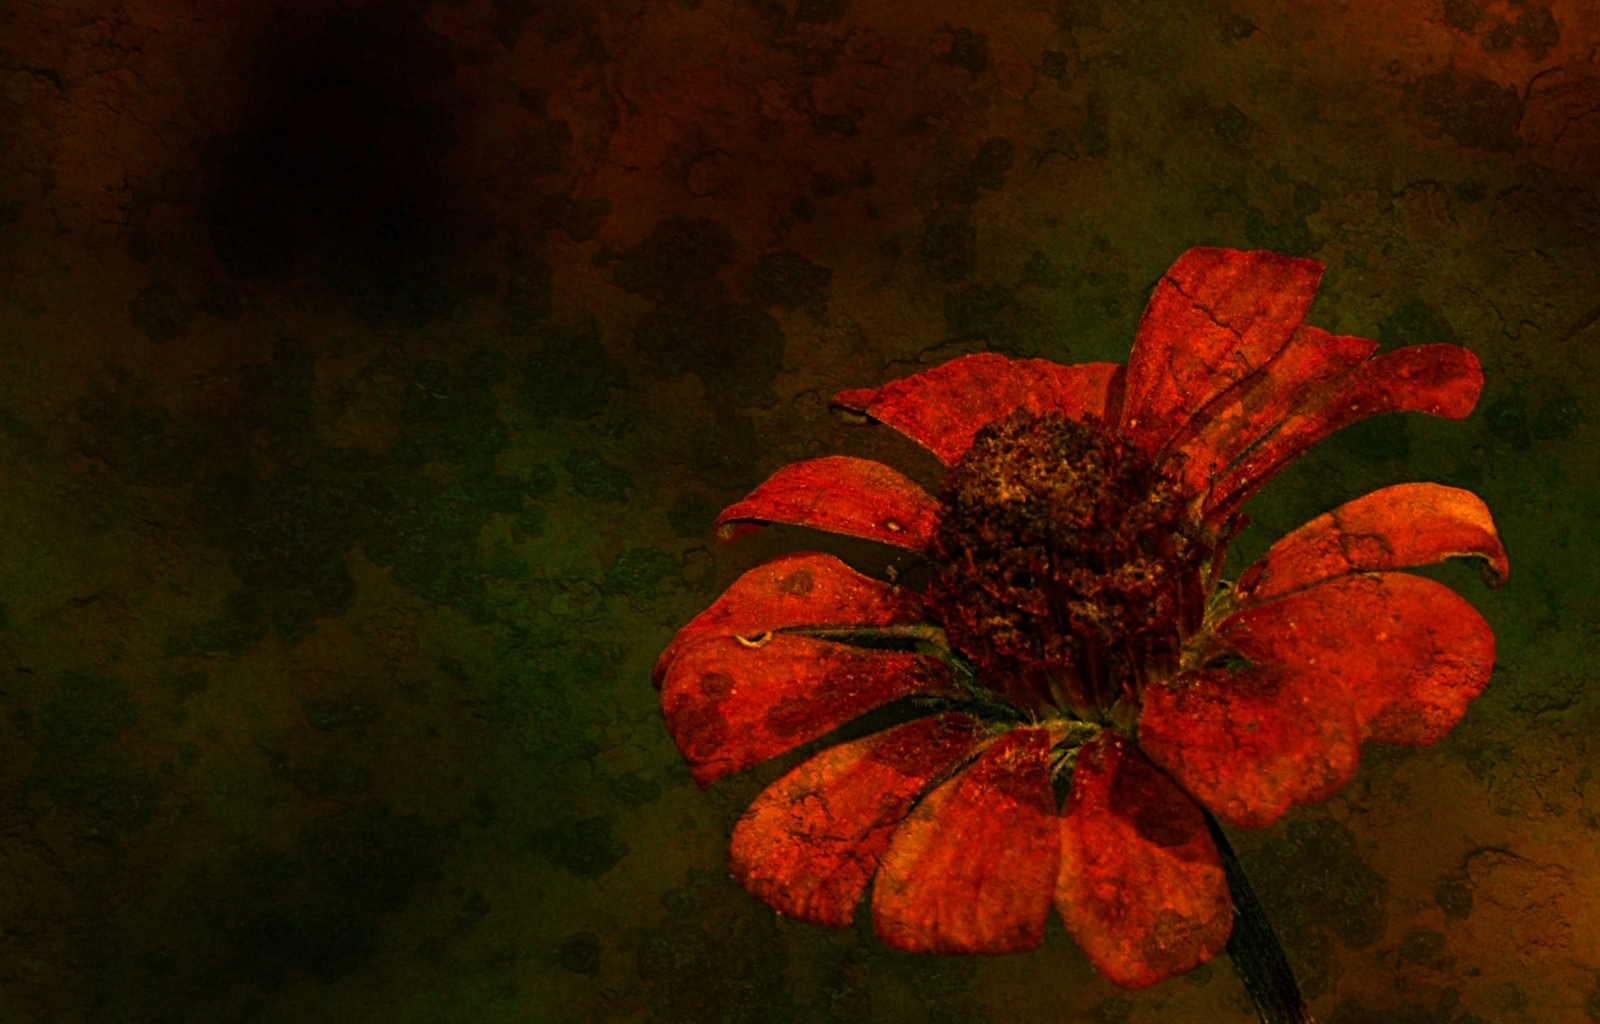 7597 скачать обои Растения, Цветы - заставки и картинки бесплатно